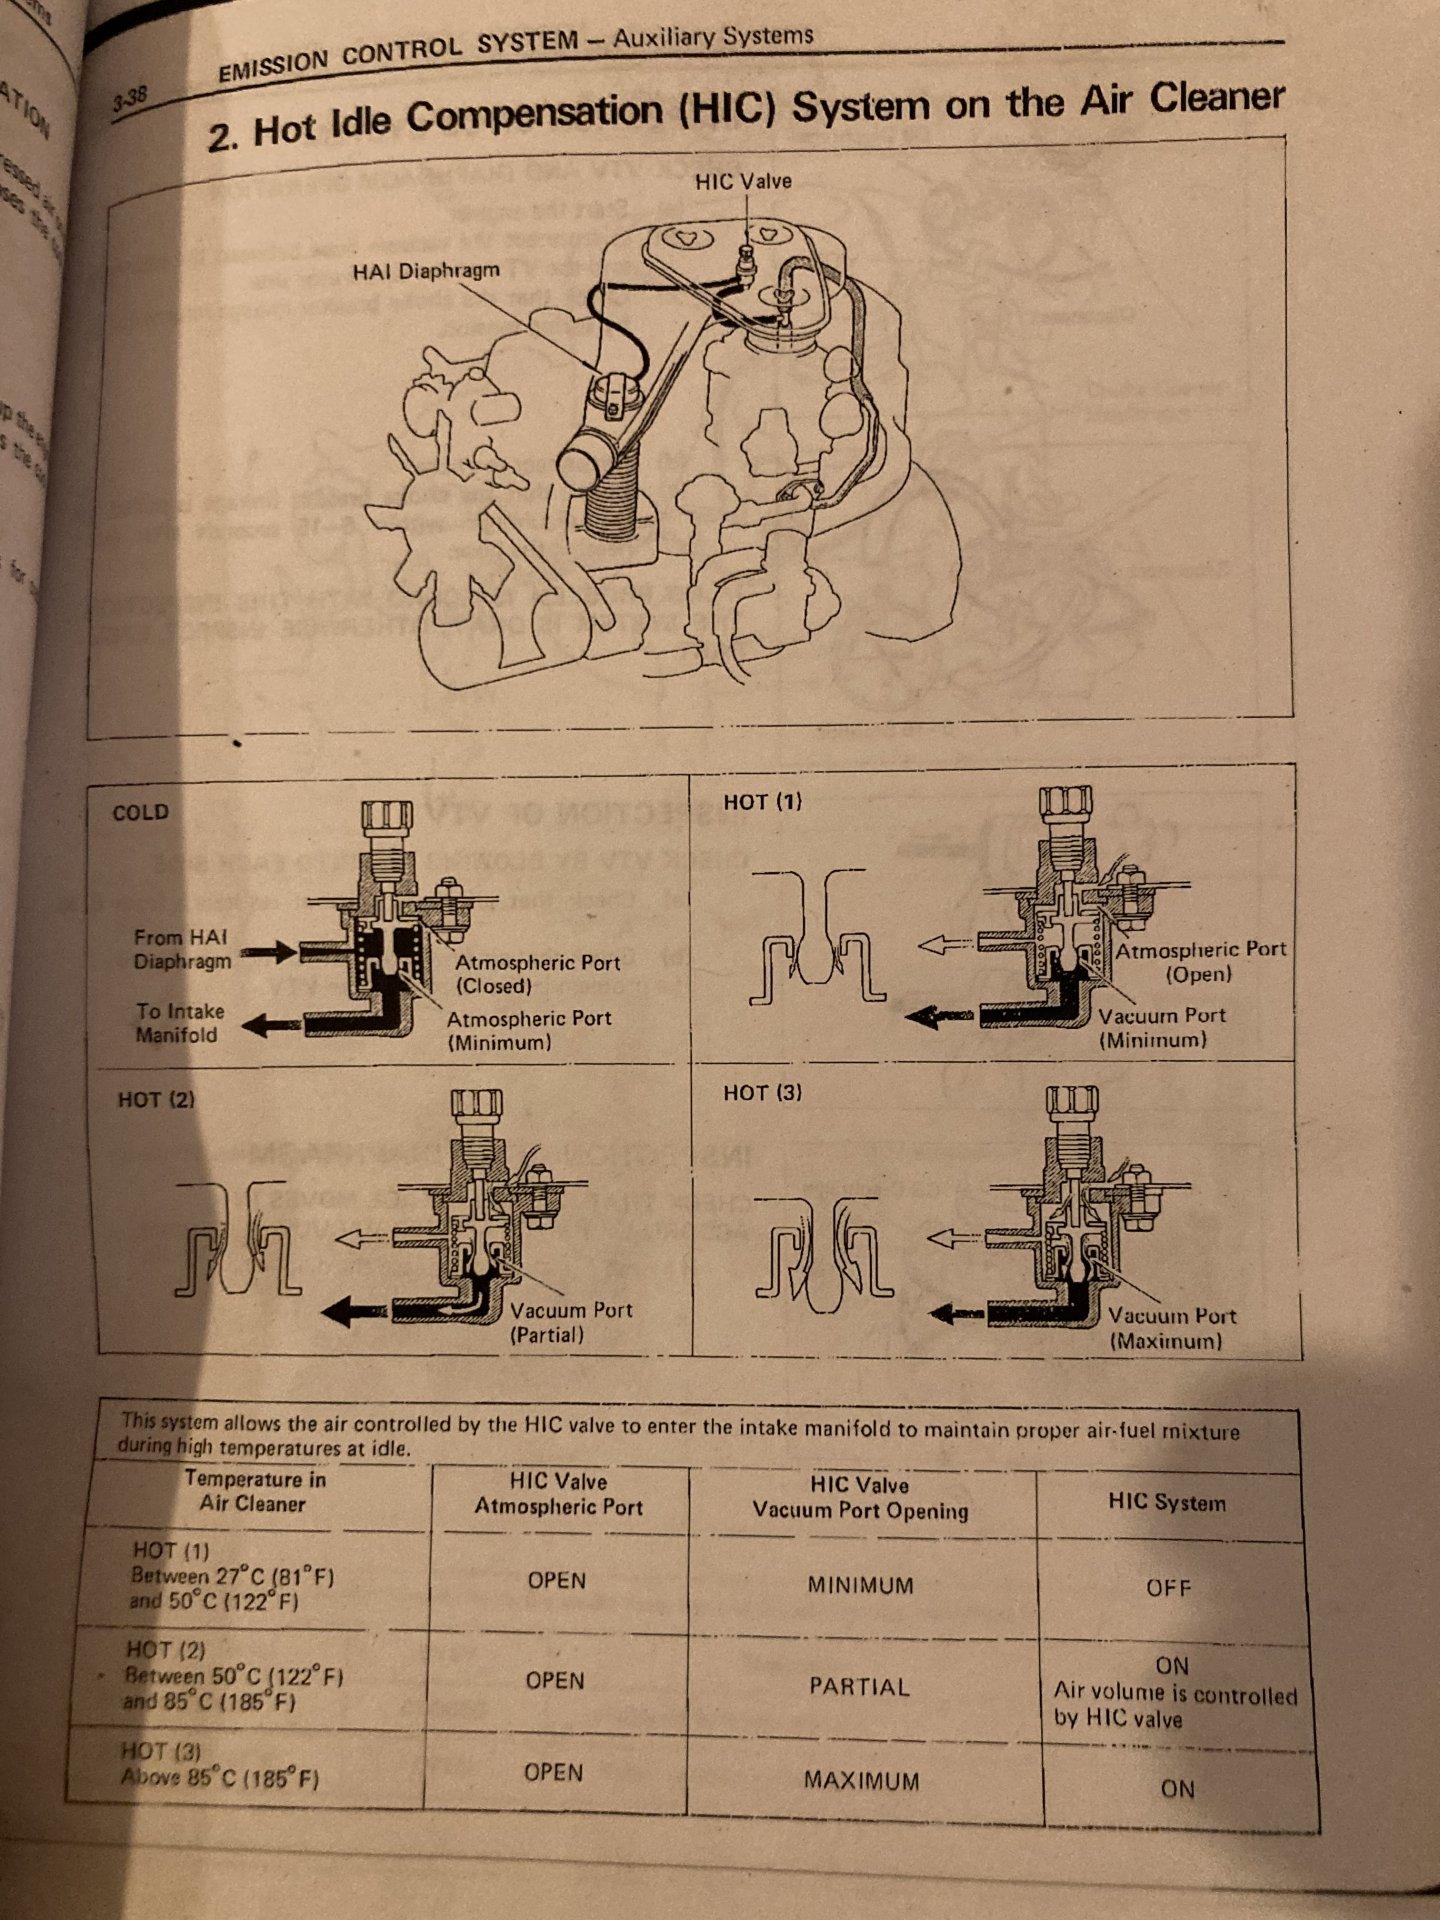 DECBB9B7-EF82-434F-A07B-AF9FEEC699AE.jpeg